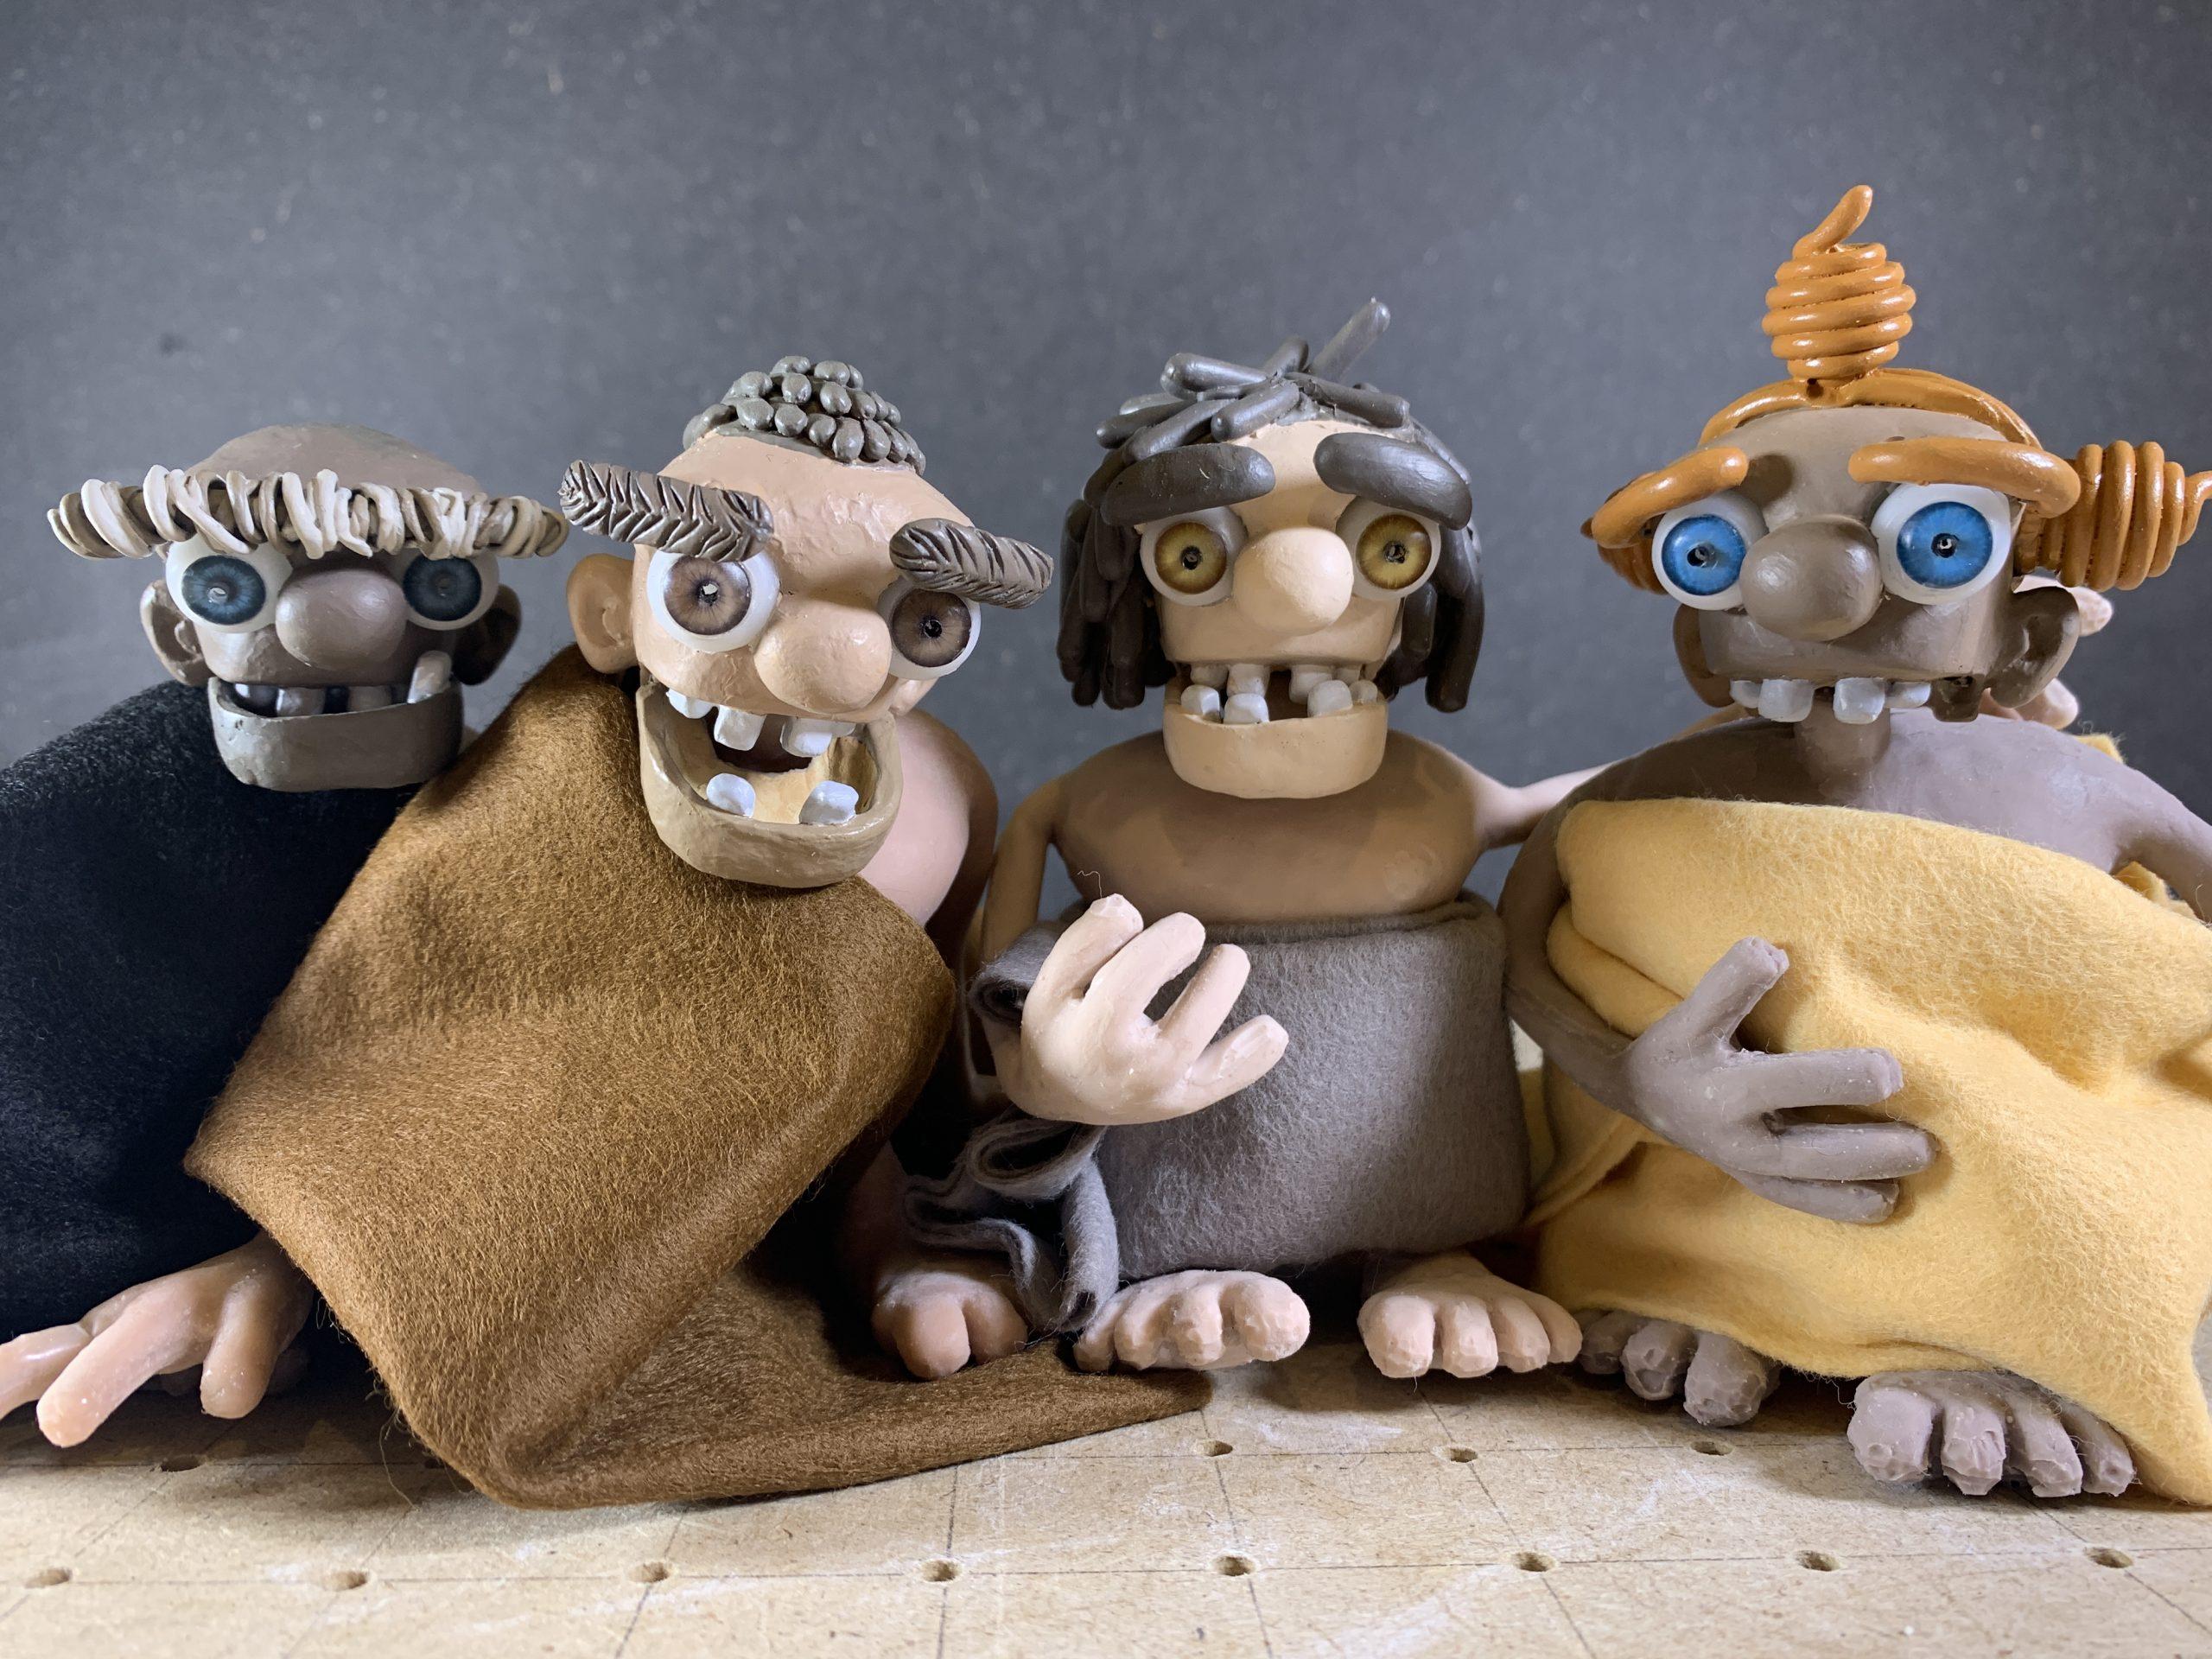 Fabrication de costumes pour des personnages d'animation en stopmotion